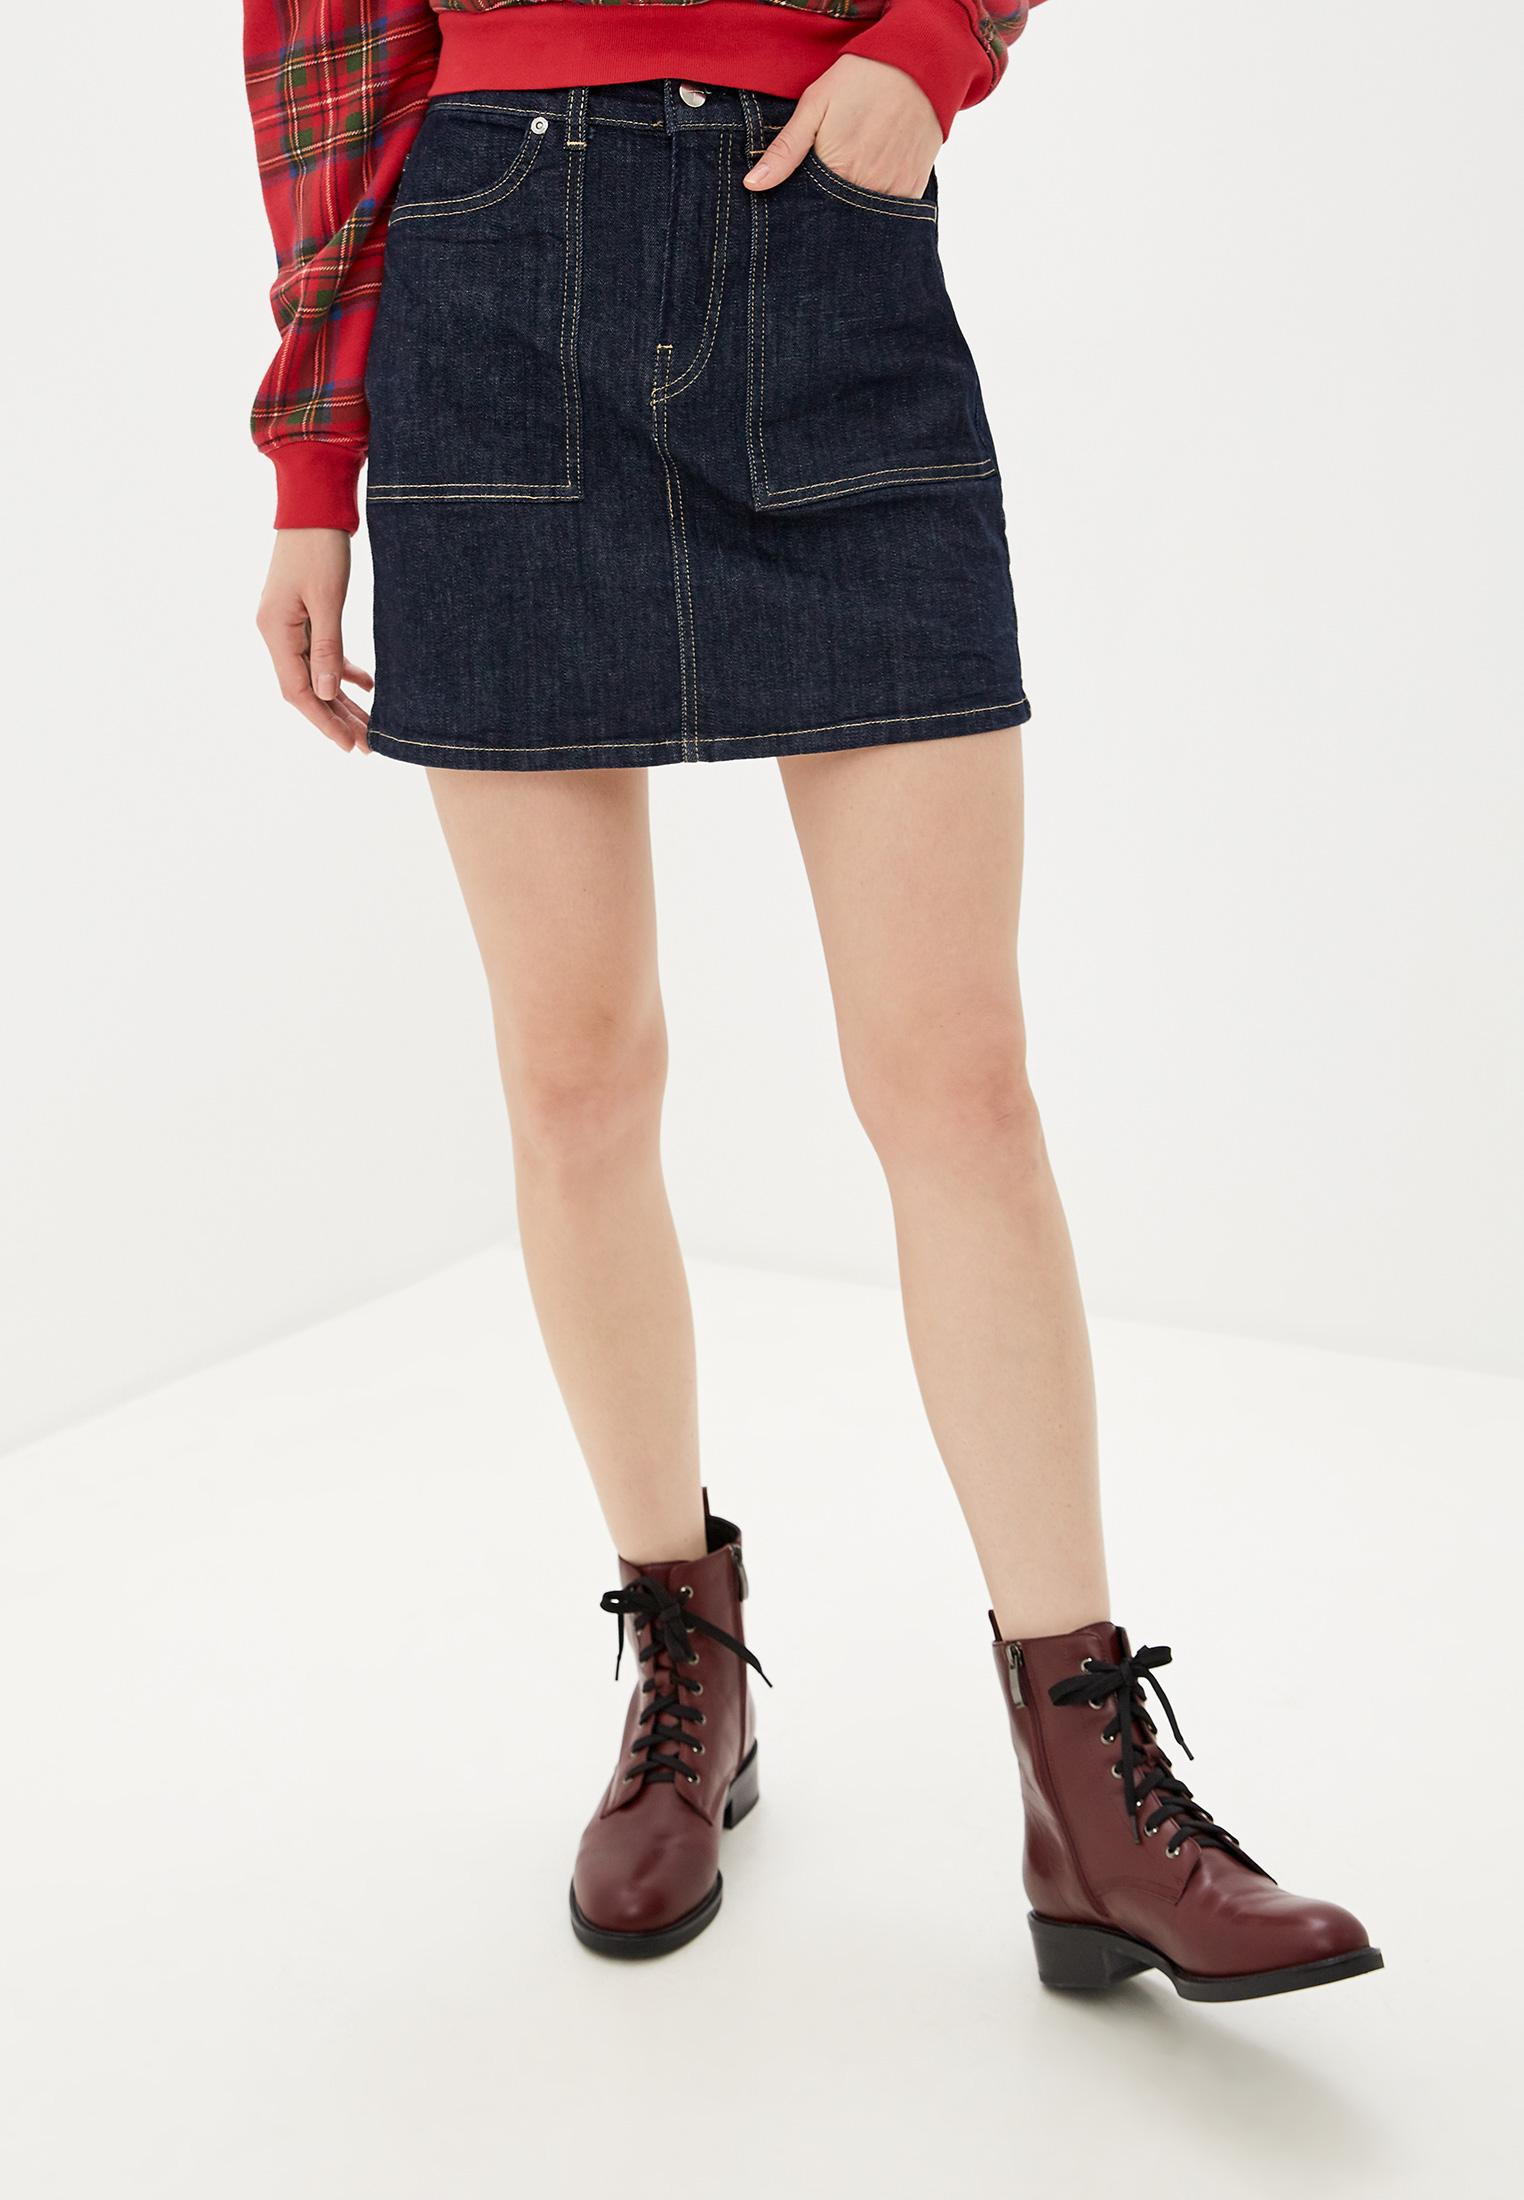 Джинсовая юбка Pepe Jeans (Пепе Джинс) PL900846